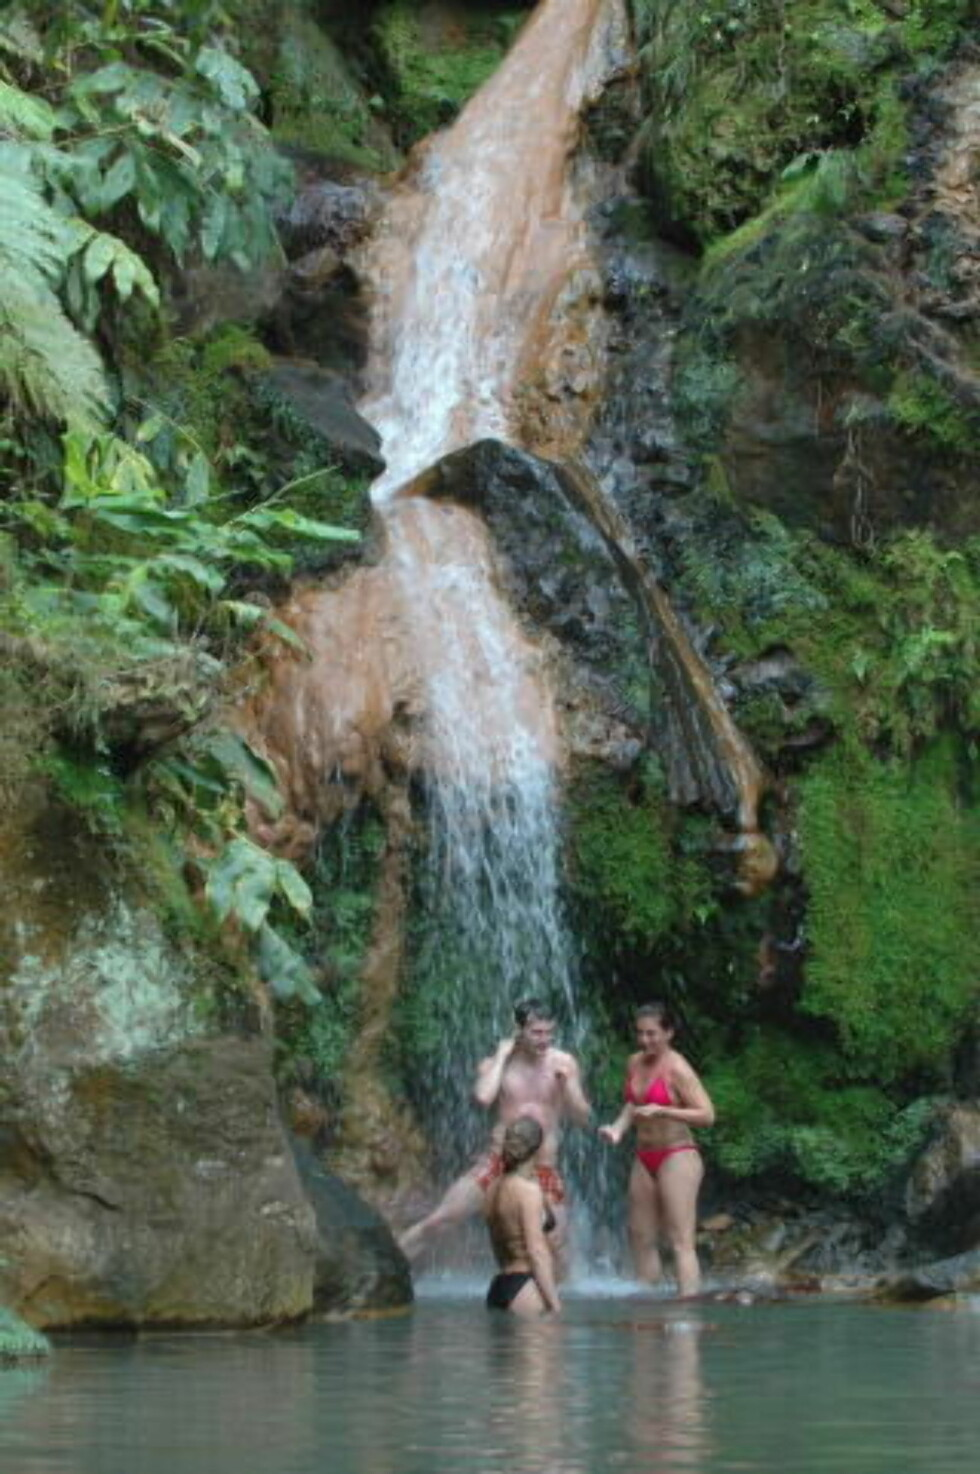 EVENTYR:  Kilden i Caldeira Velha kommer fra den gamle vulkanen Fogo. Denne trioen fra Storbritannia koste seg stort under det varme vannet. Navn: Kirsten Maisefield (22) i sort bikini, Rebecca O'Donald (24) i rød bikini og Brian Ellrich (24). Foto: Eivind Pedersen